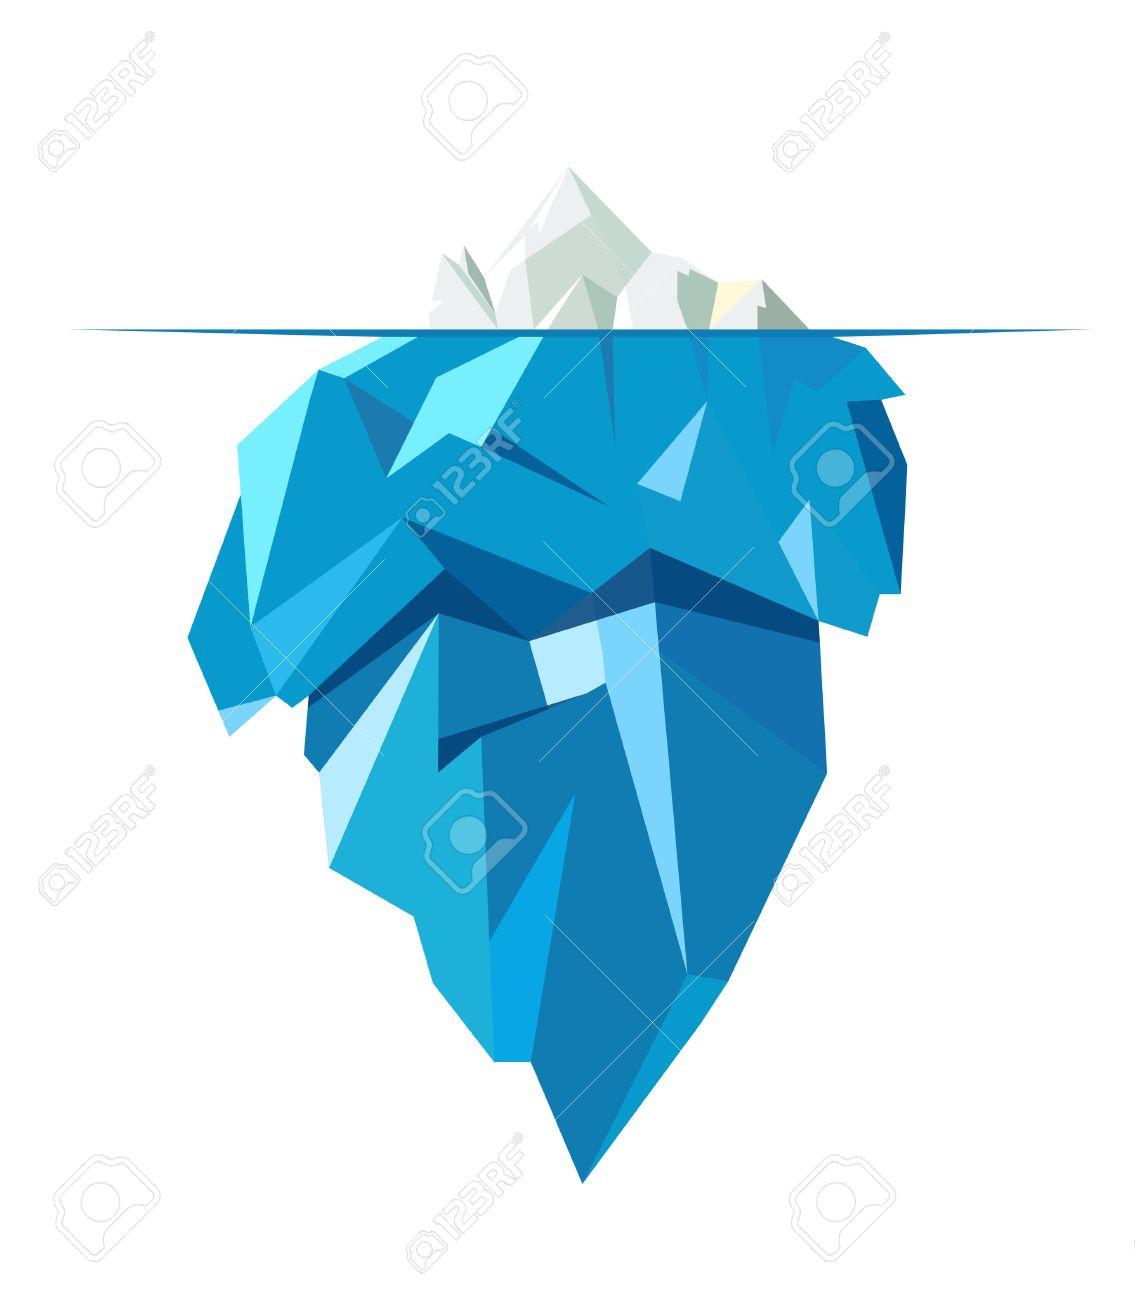 Isolated full big iceberg, flat style illustration. - 52562294